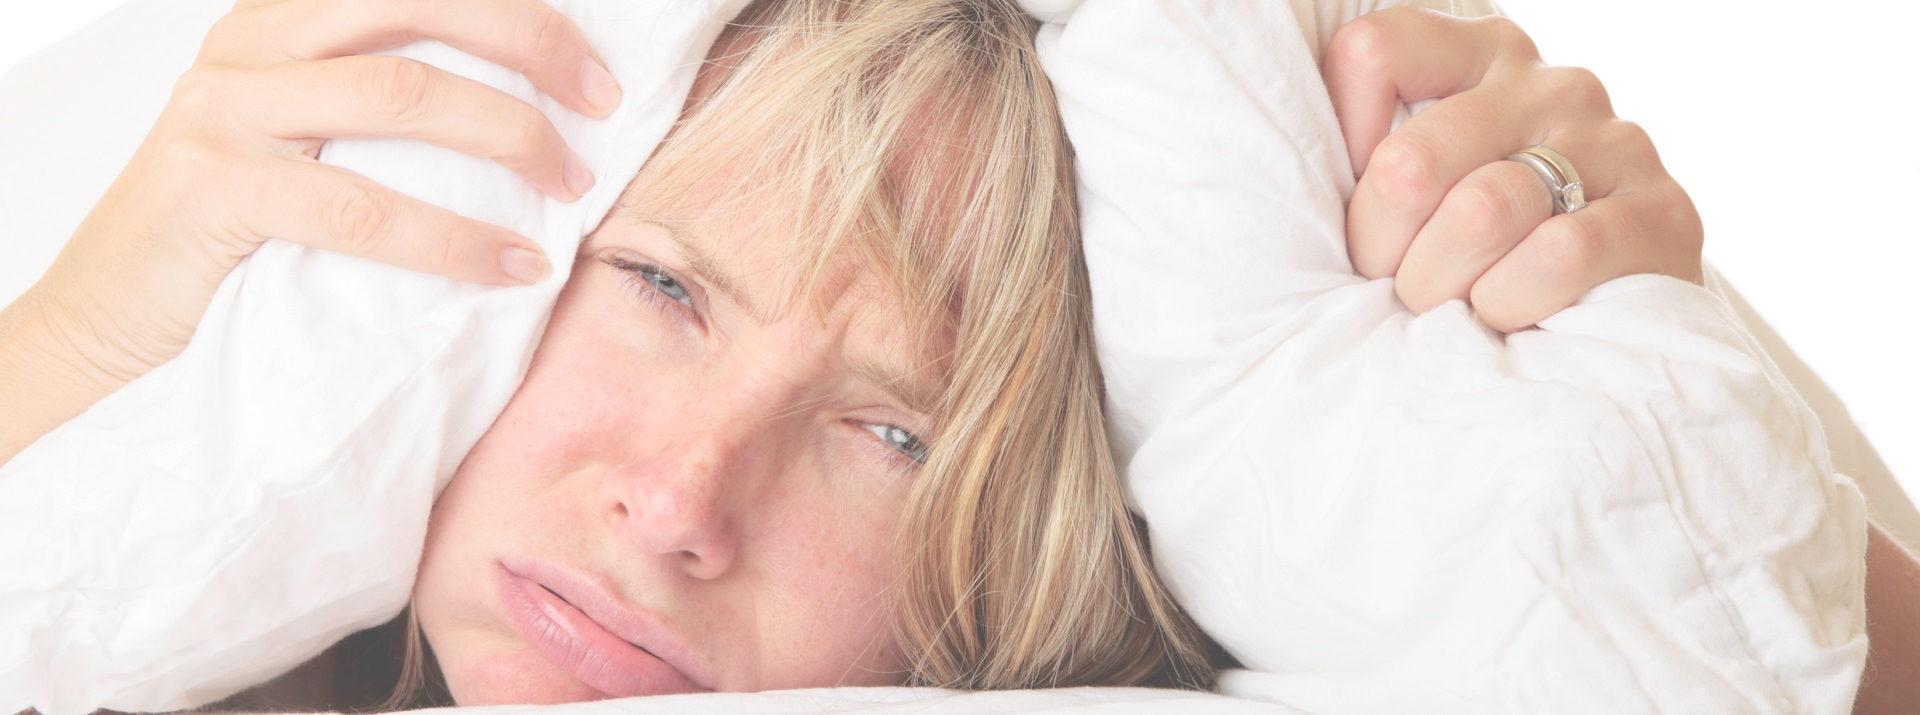 Hulp bij slapeloosheid of een slaapstoornis